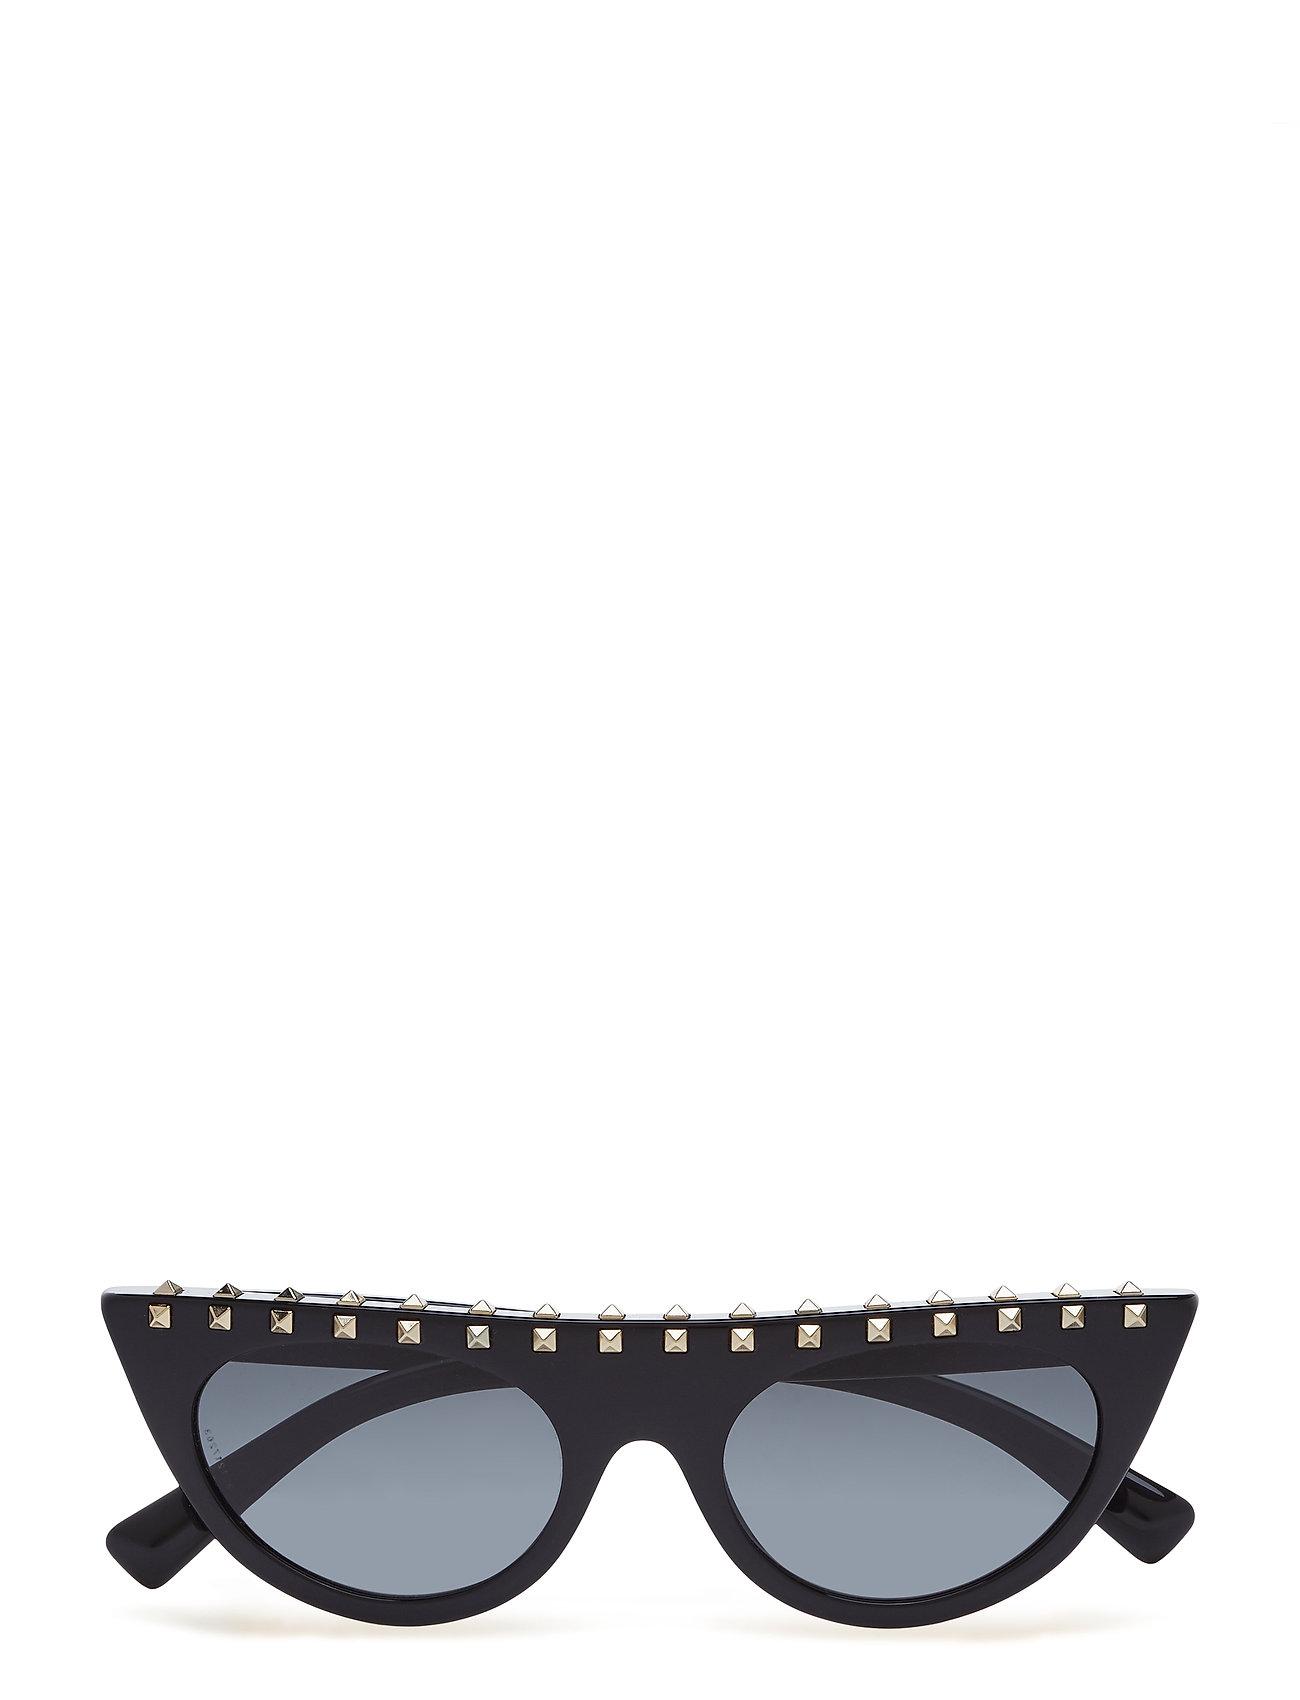 0va4018 - Valentino Sunglasses